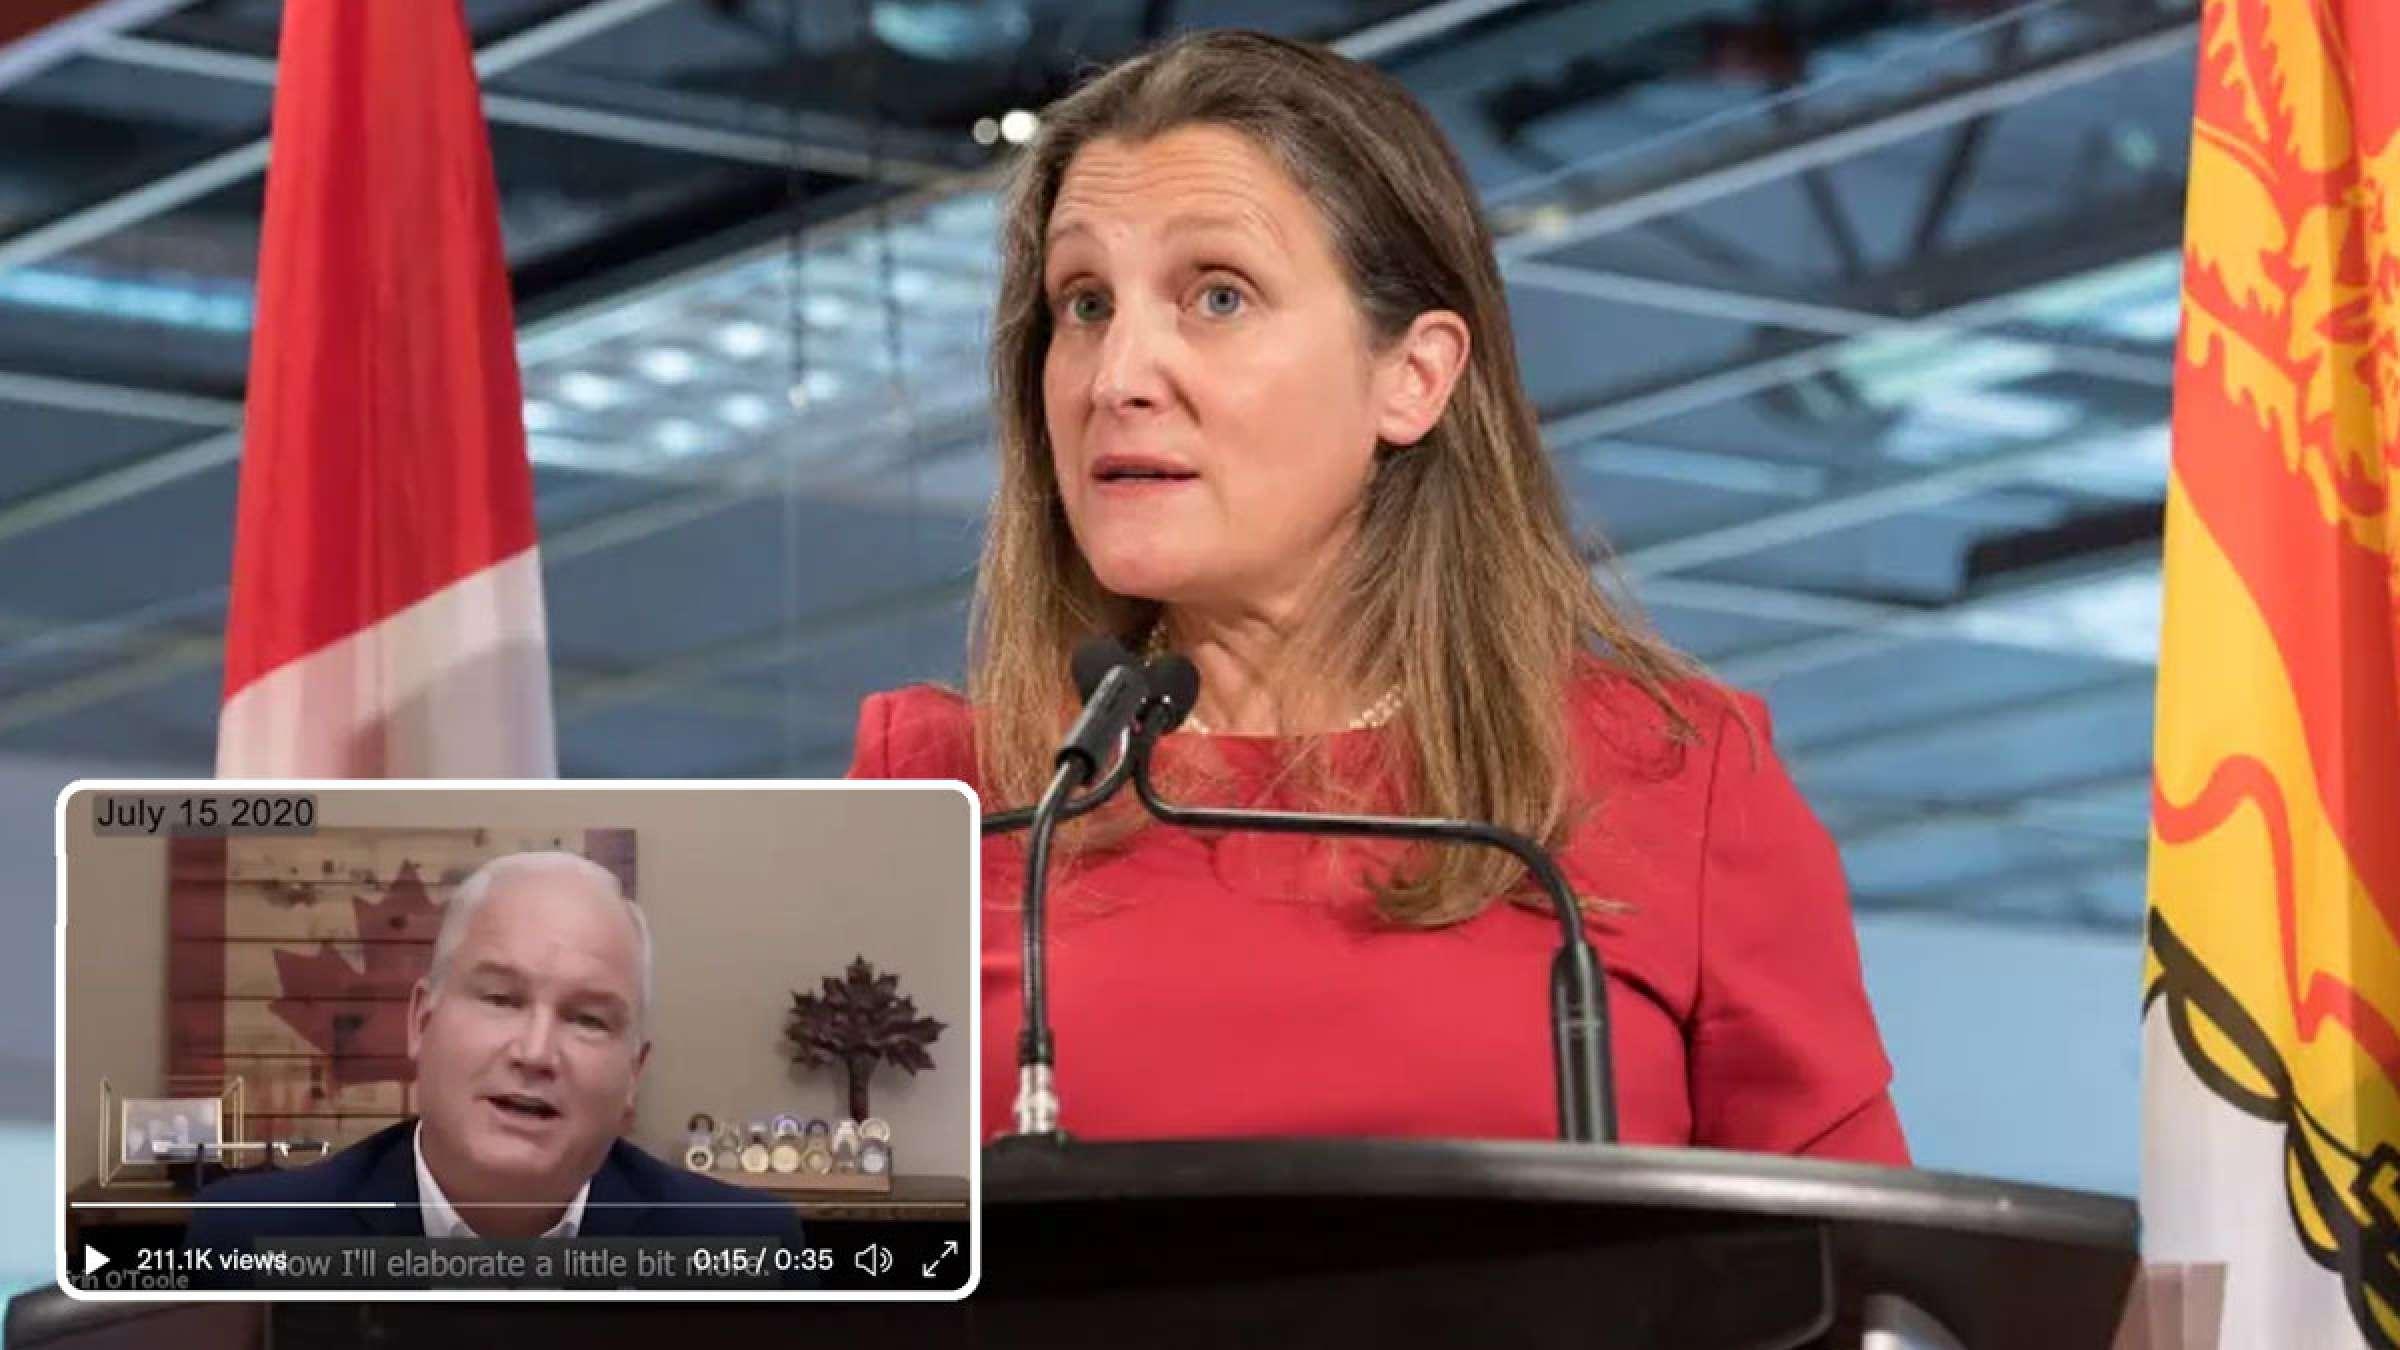 خبر-کانادا-جنگ-سیاسیون-یا-رسانه-ای-توئیتر-ویدئو-فریلند-را-برچسب-دستکاری-شده-زد